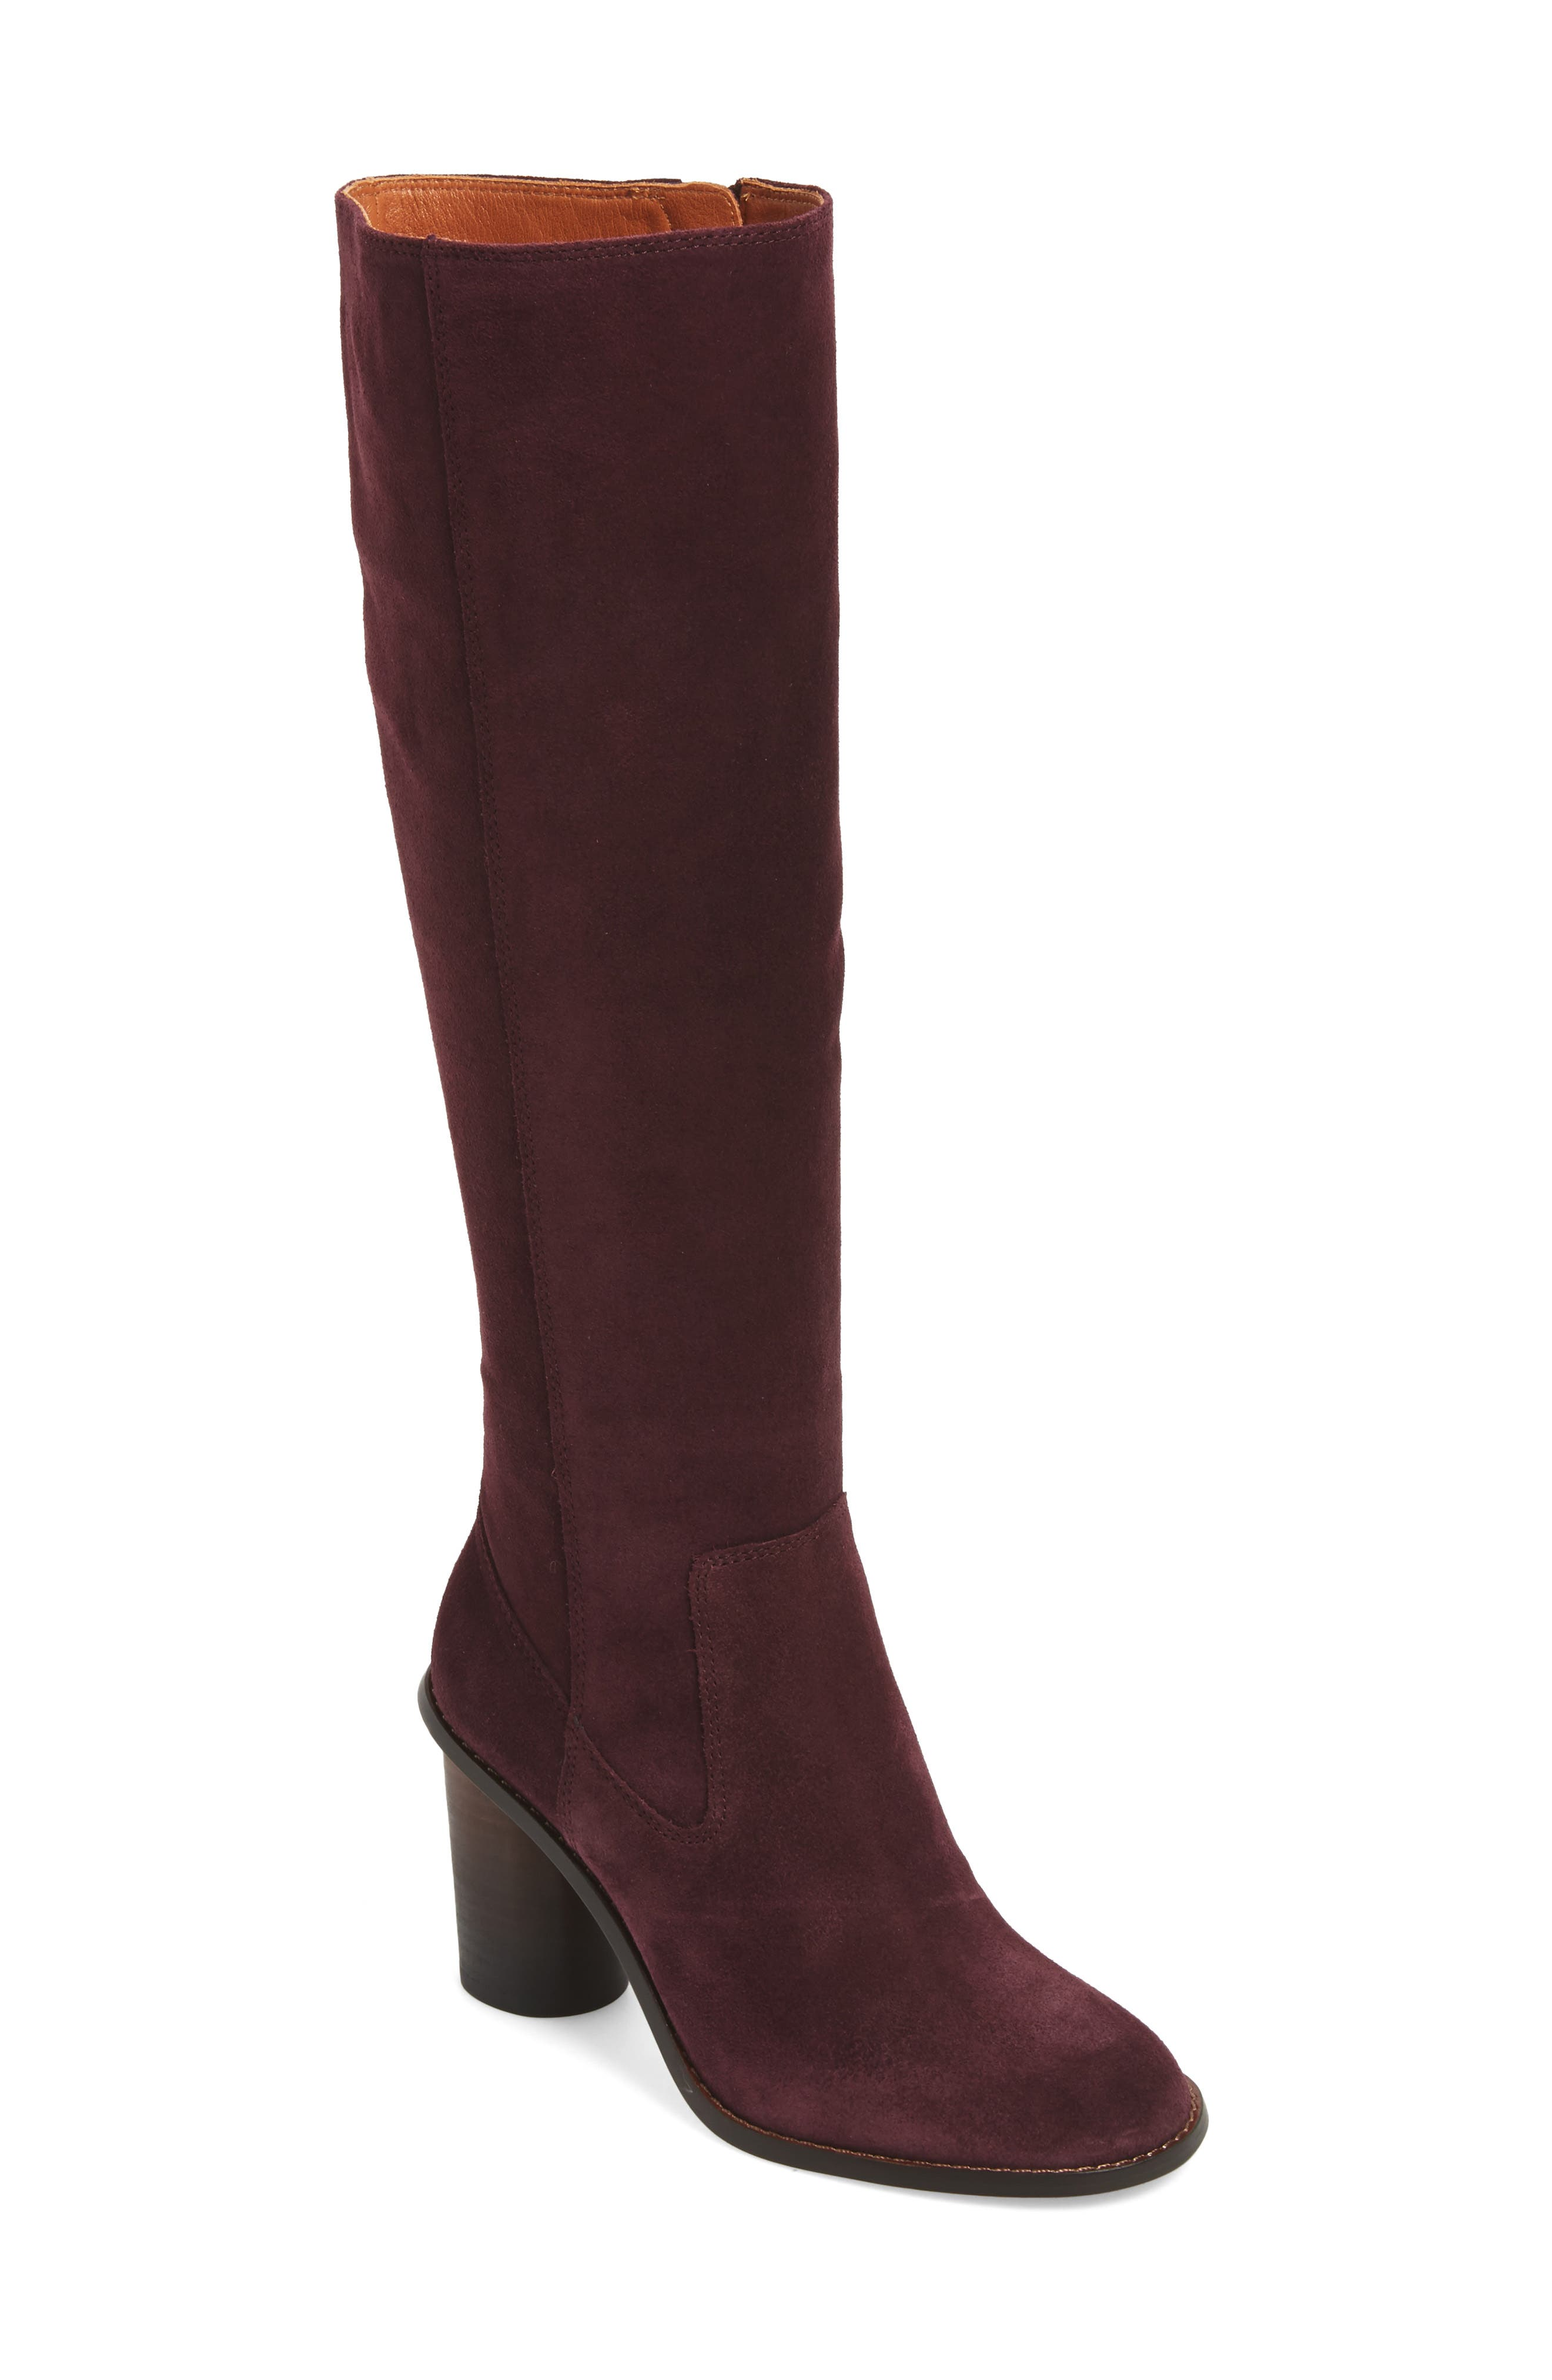 Main Image - COACH Ombré Knee High Boot (Women)